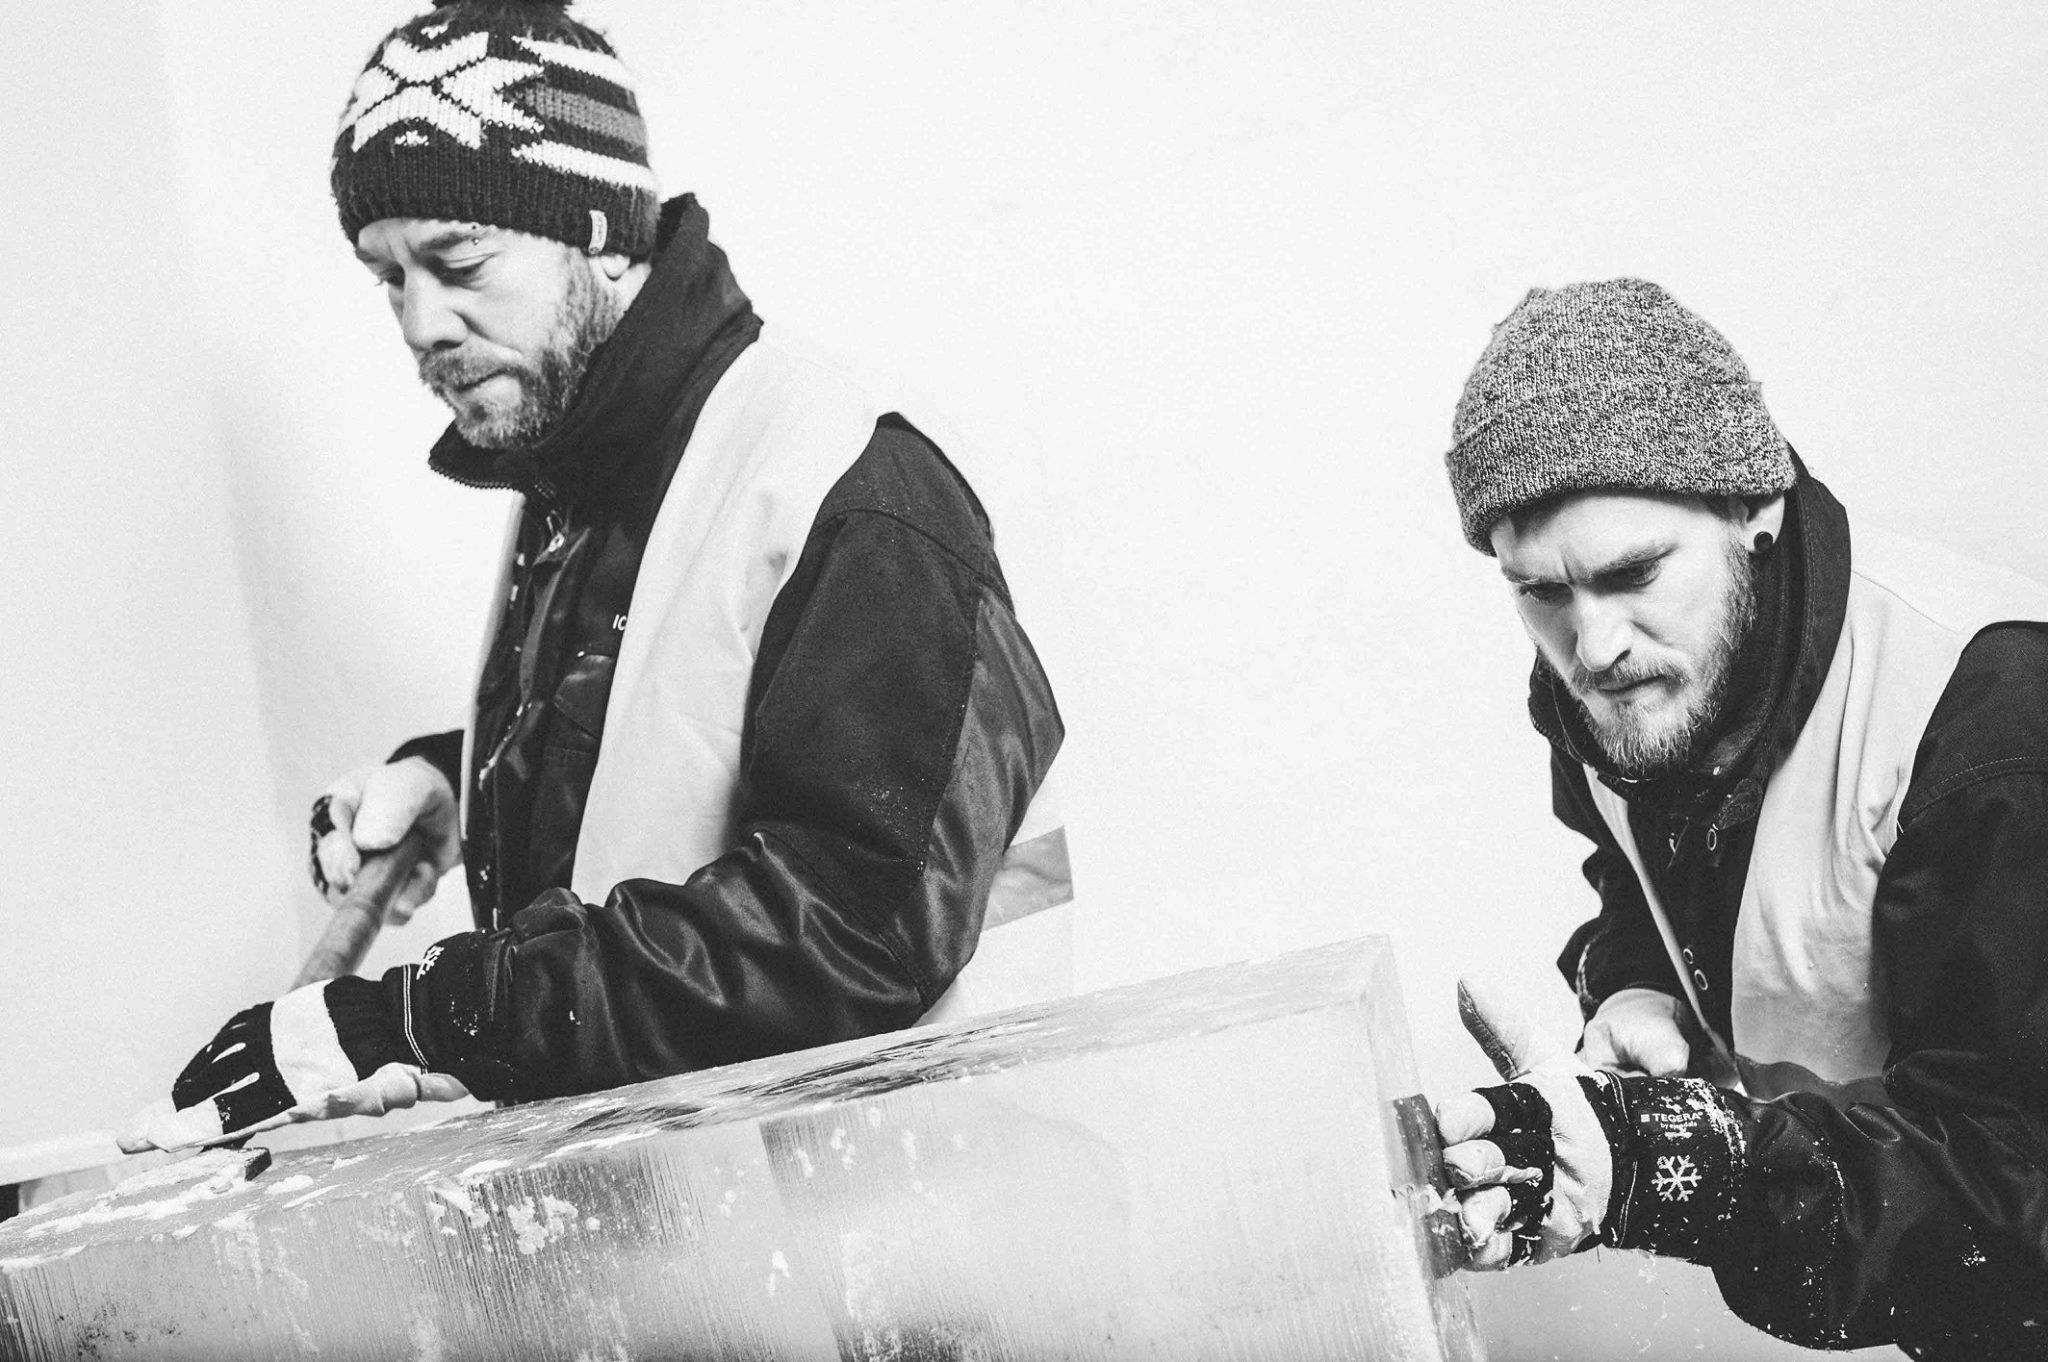 ICEHOTEL© Jukkasjärvi 2015/16 - Suite LOVE CAPSULE